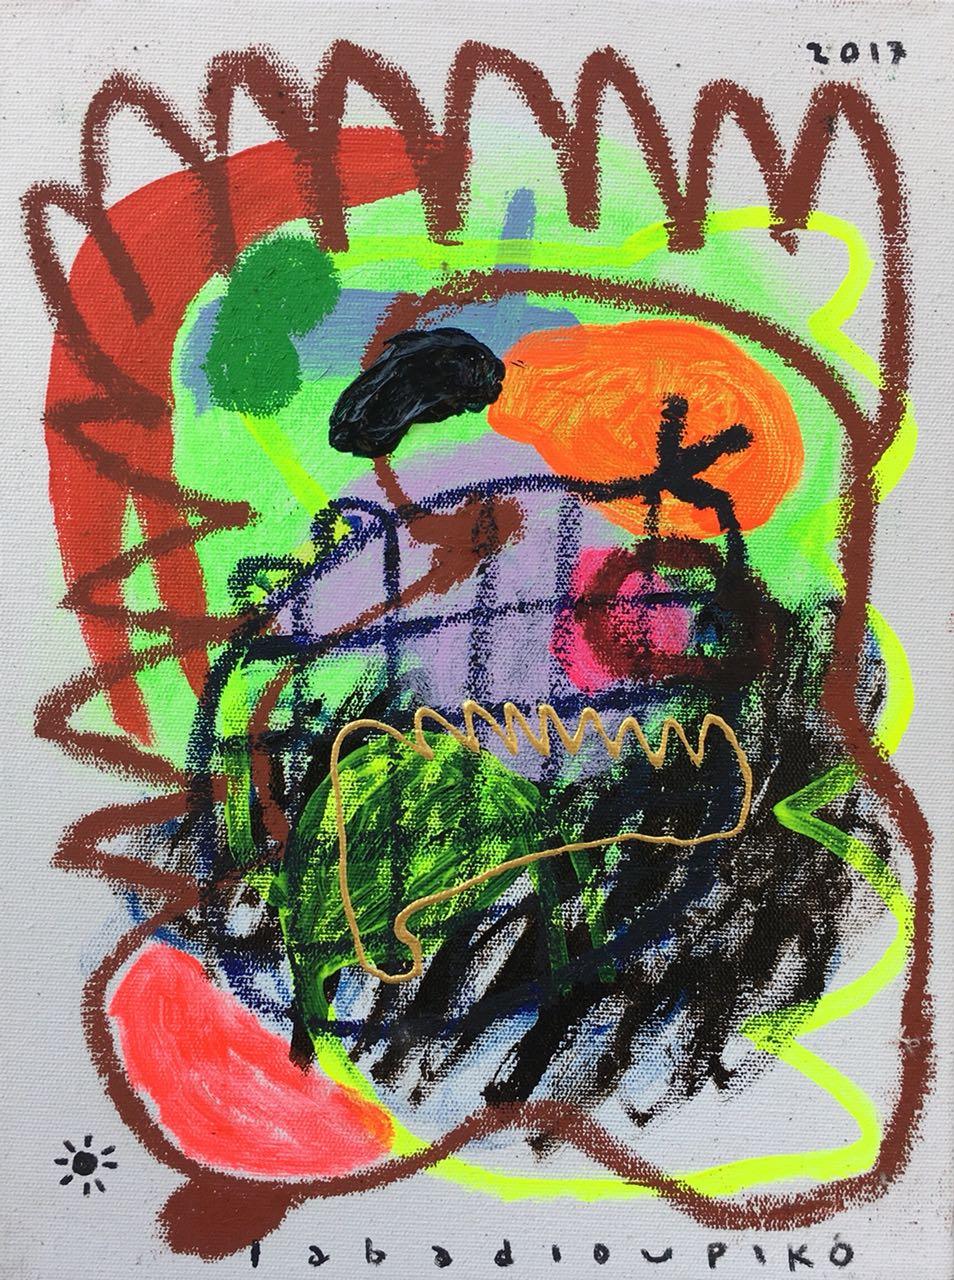 Iabadiou Piko〈Untitled 10〉,2017